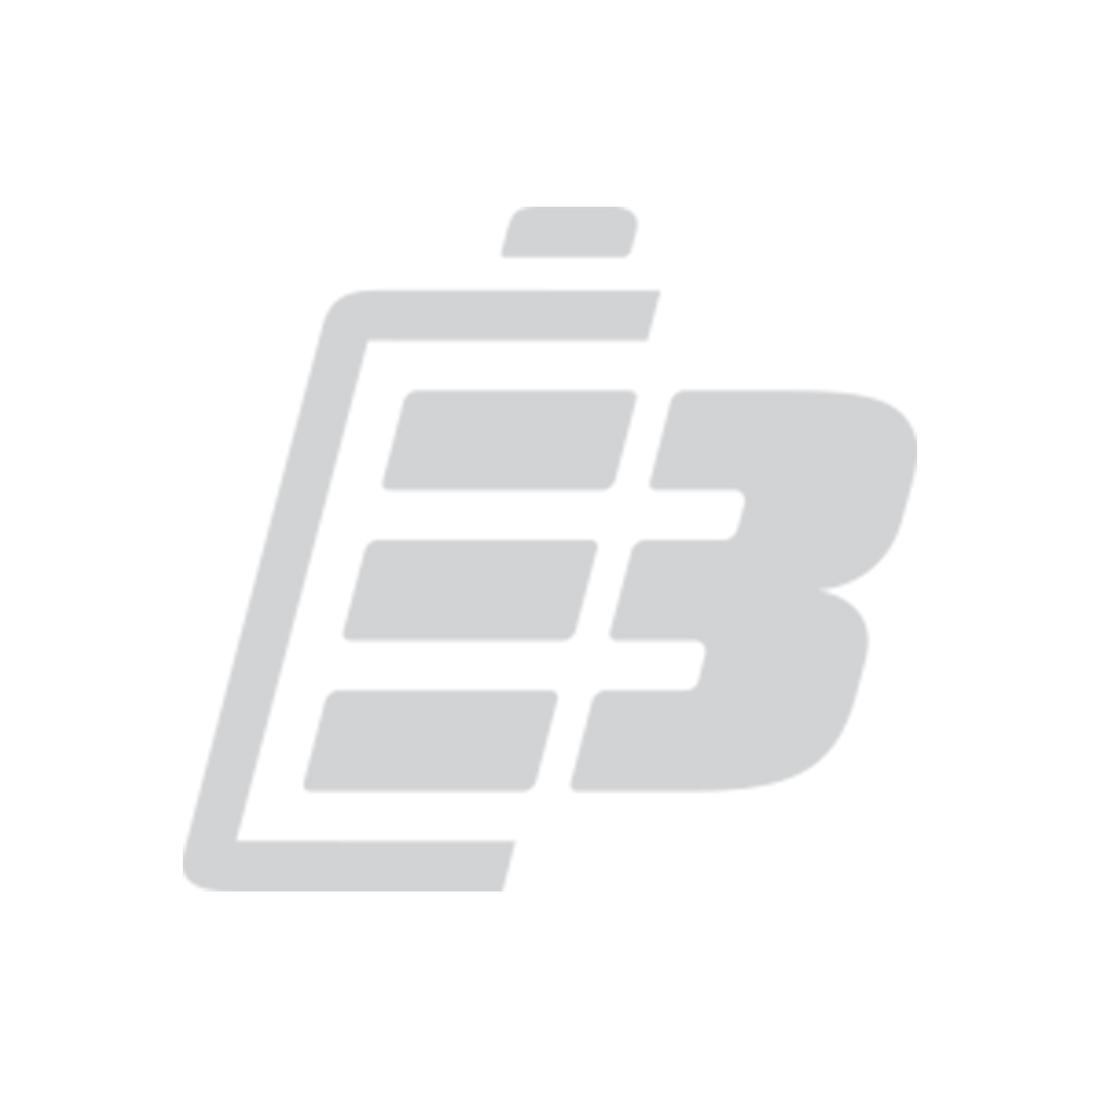 Laptop battery Lenovo ThinkPad T420s_1